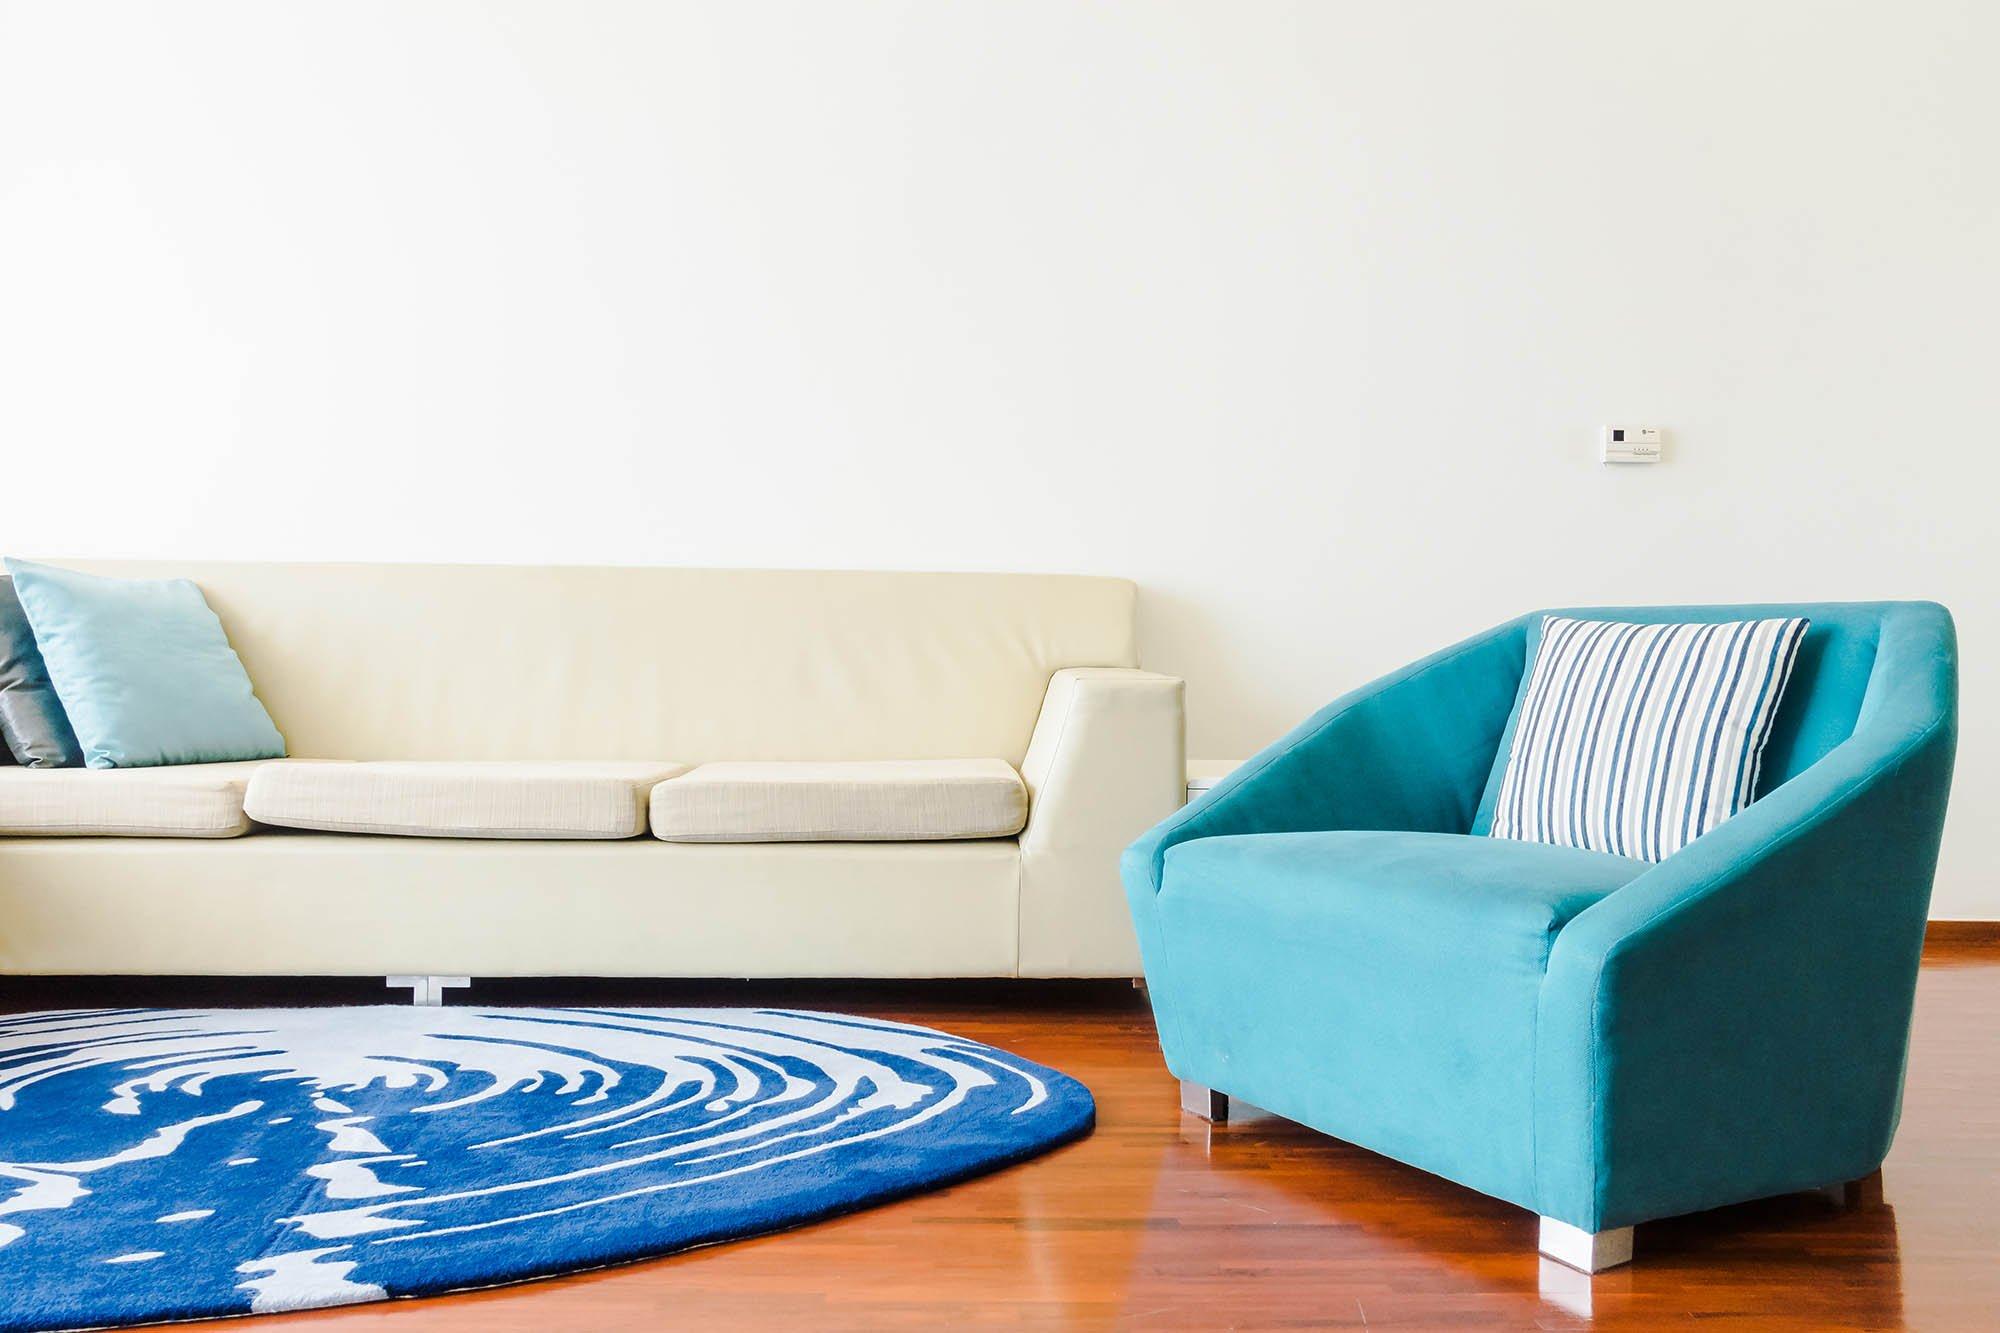 sala blanco y azul turquesa